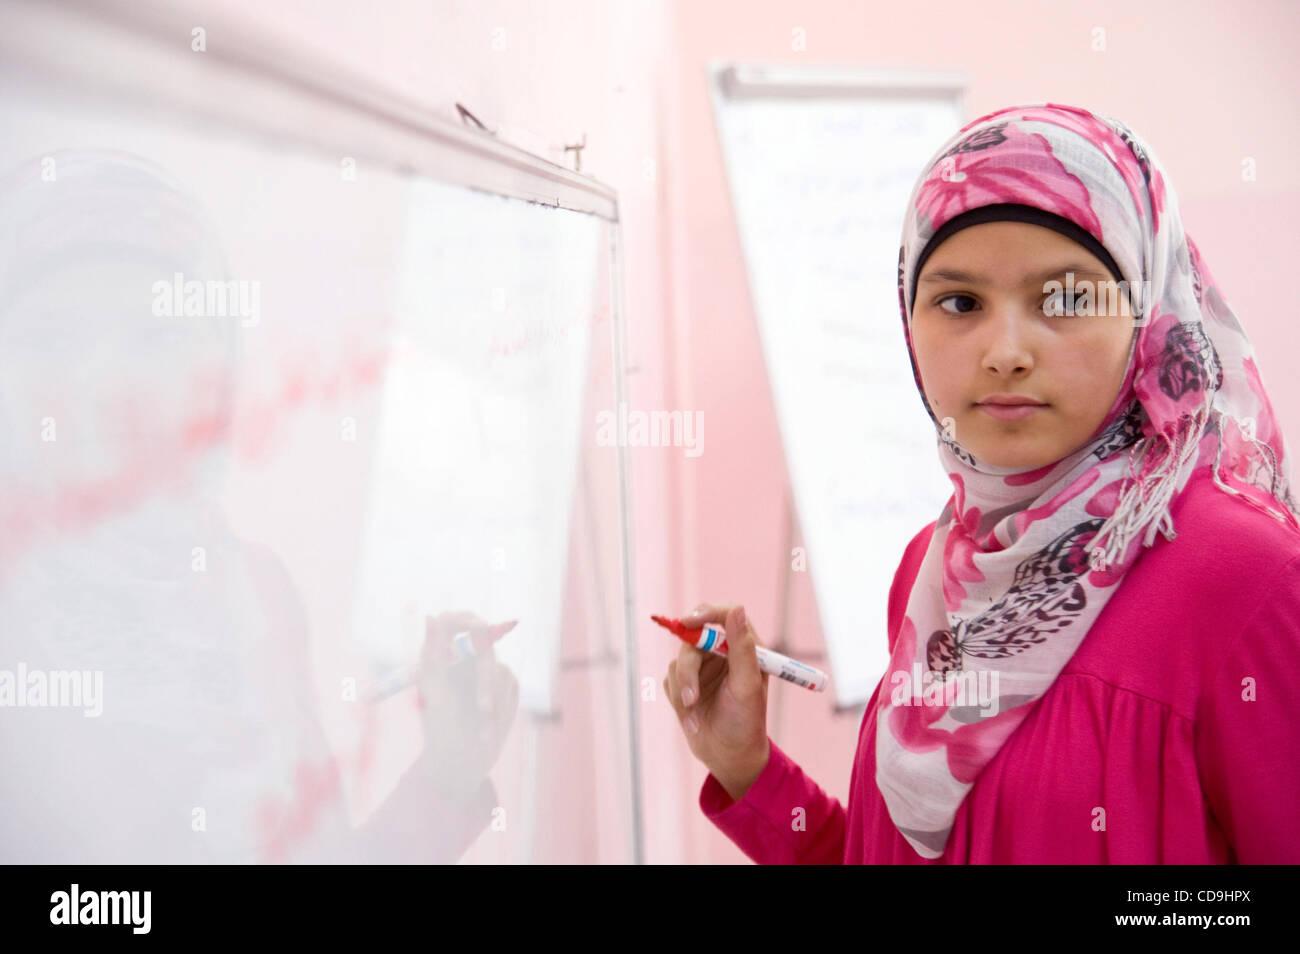 12 juillet 2010 - Amman, Jordanie - le 12 juillet 2010, Amman, Jordanie - une fille termine une leçon sur le Photo Stock